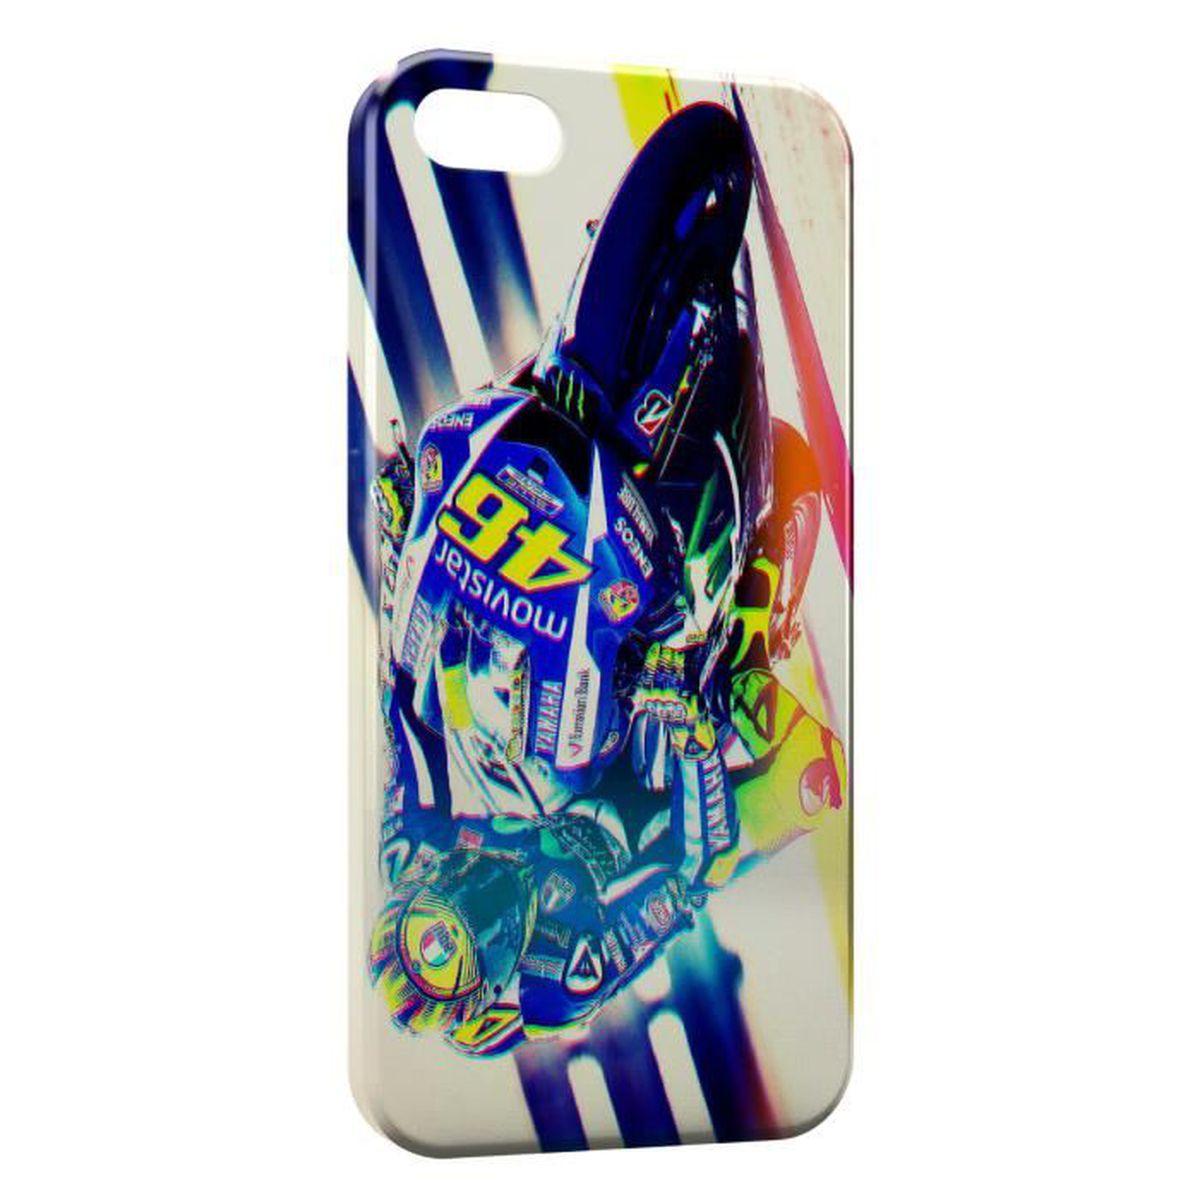 coque iphone 6 vr46